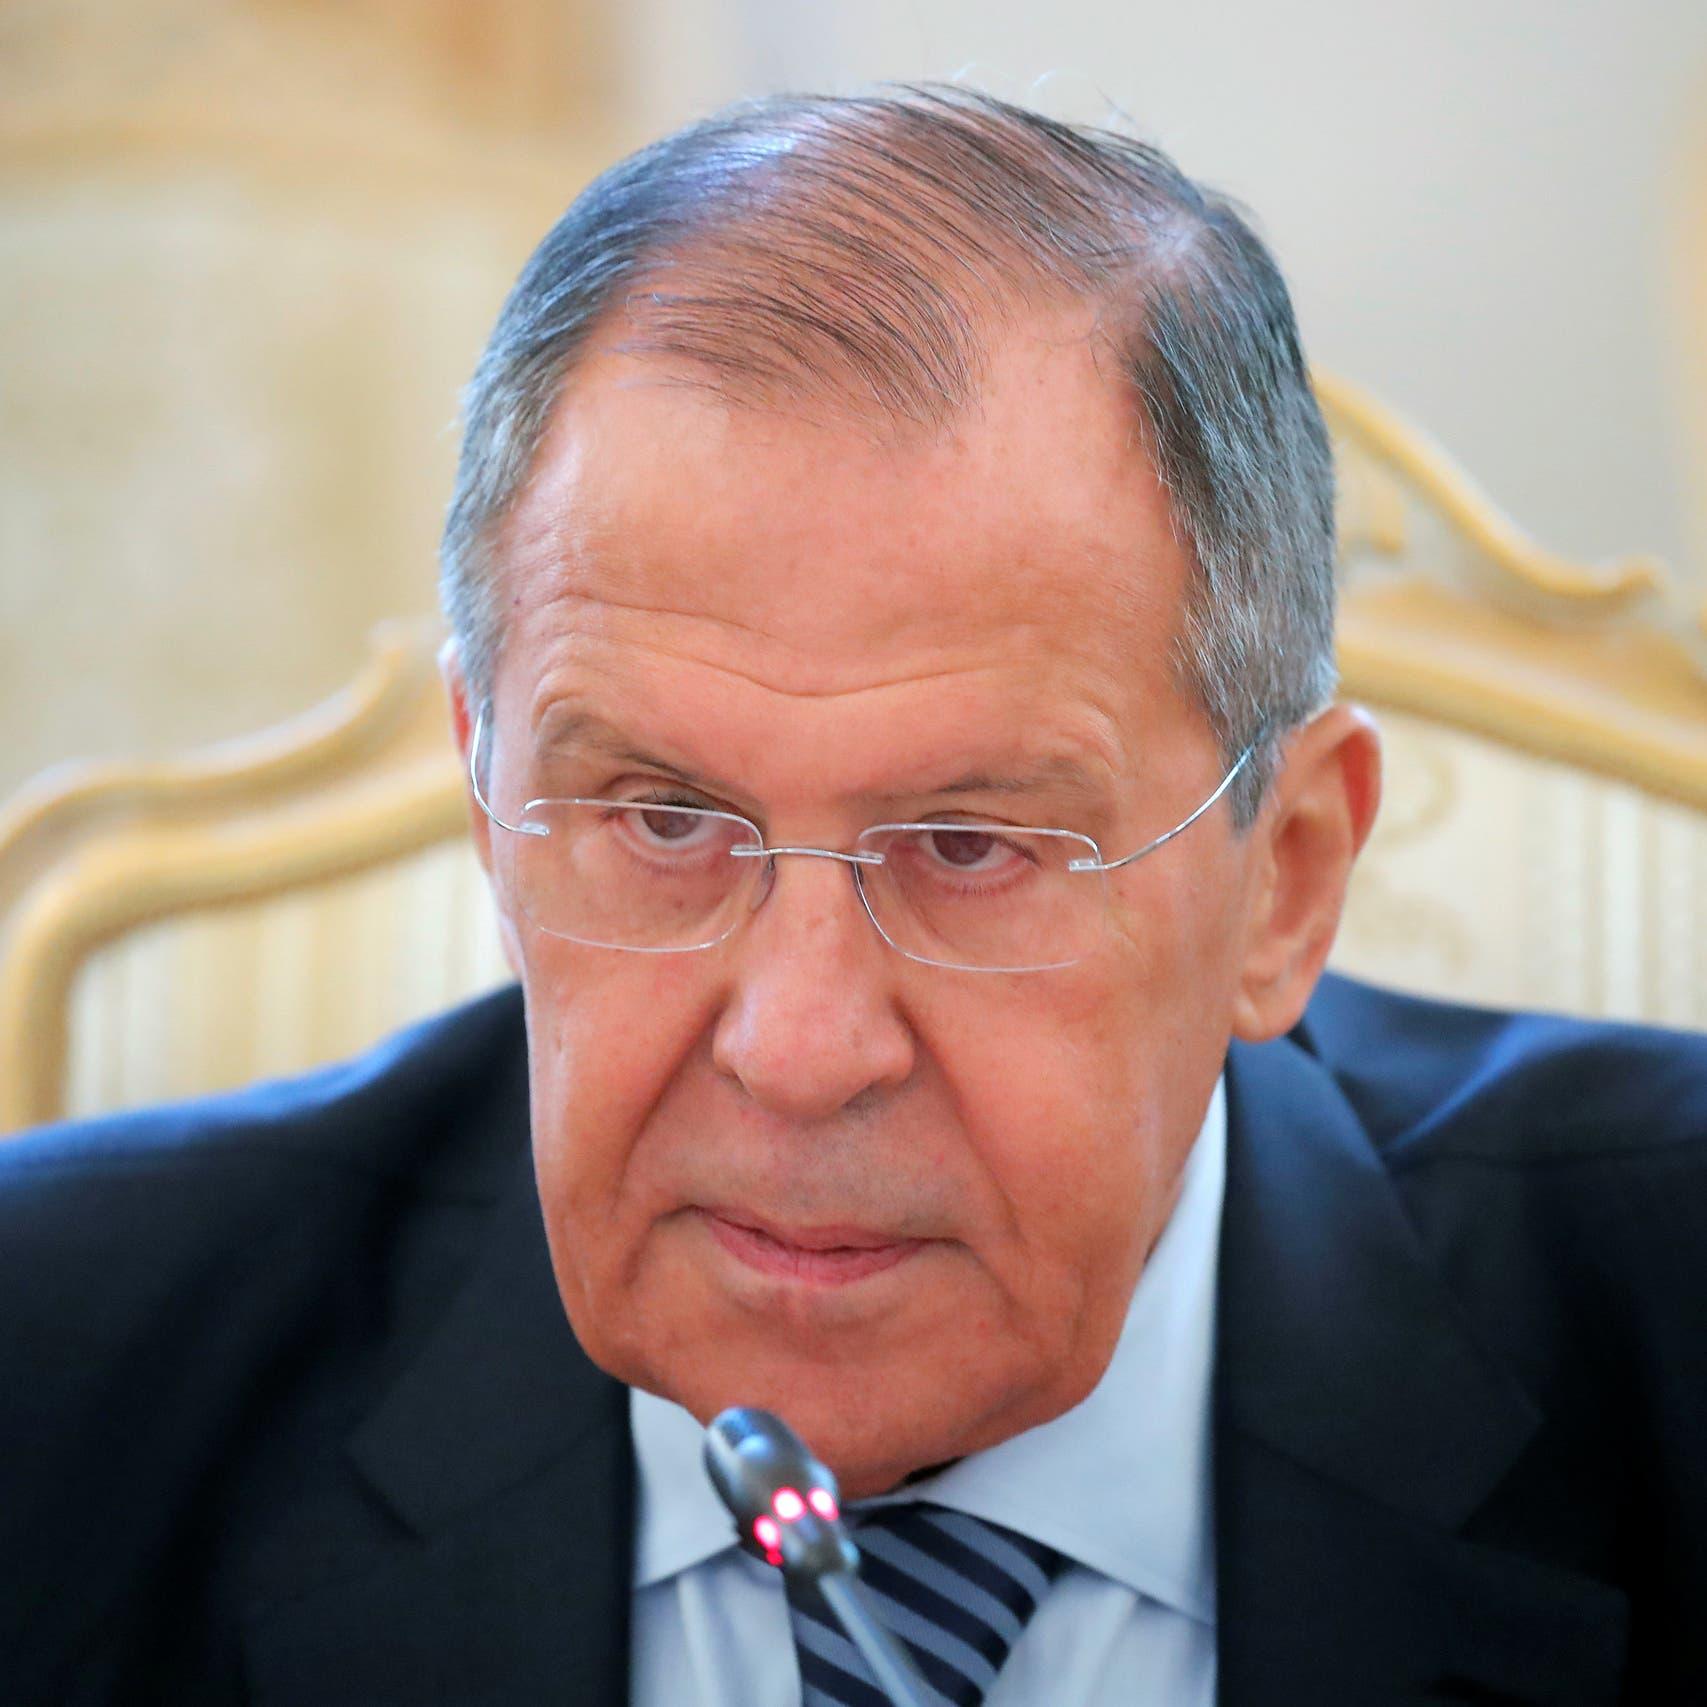 روسيا: داعش ينظر لأفغانستان كنقطة انطلاق لآسيا الوسطى